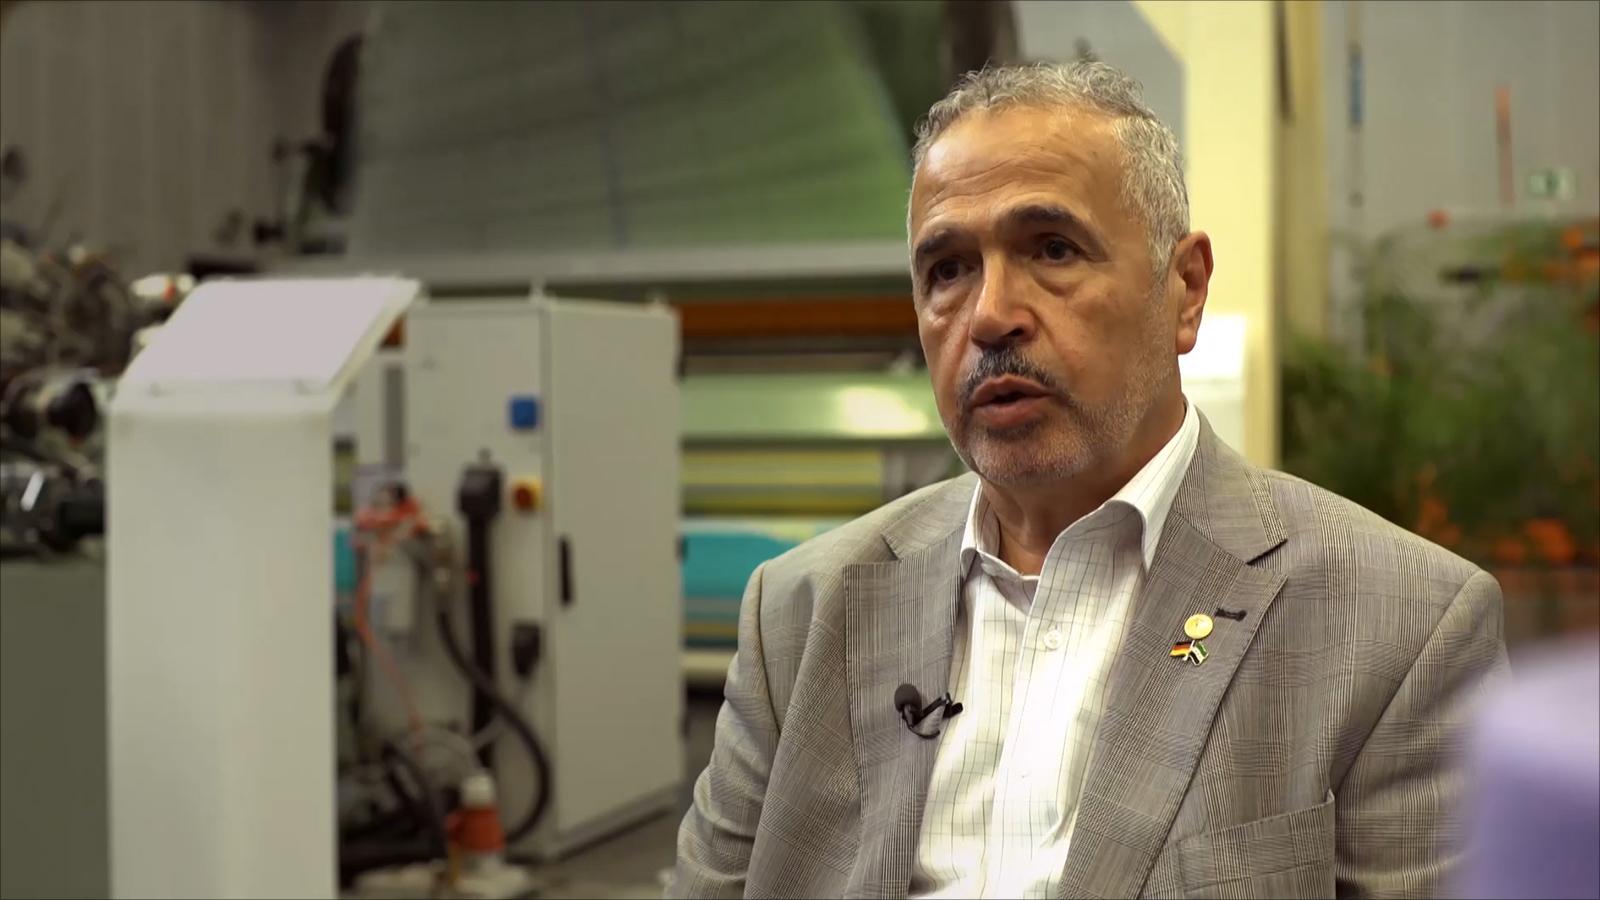 صورة عالم ومخترع سوري شارك في نهضة تركيا الصناعية